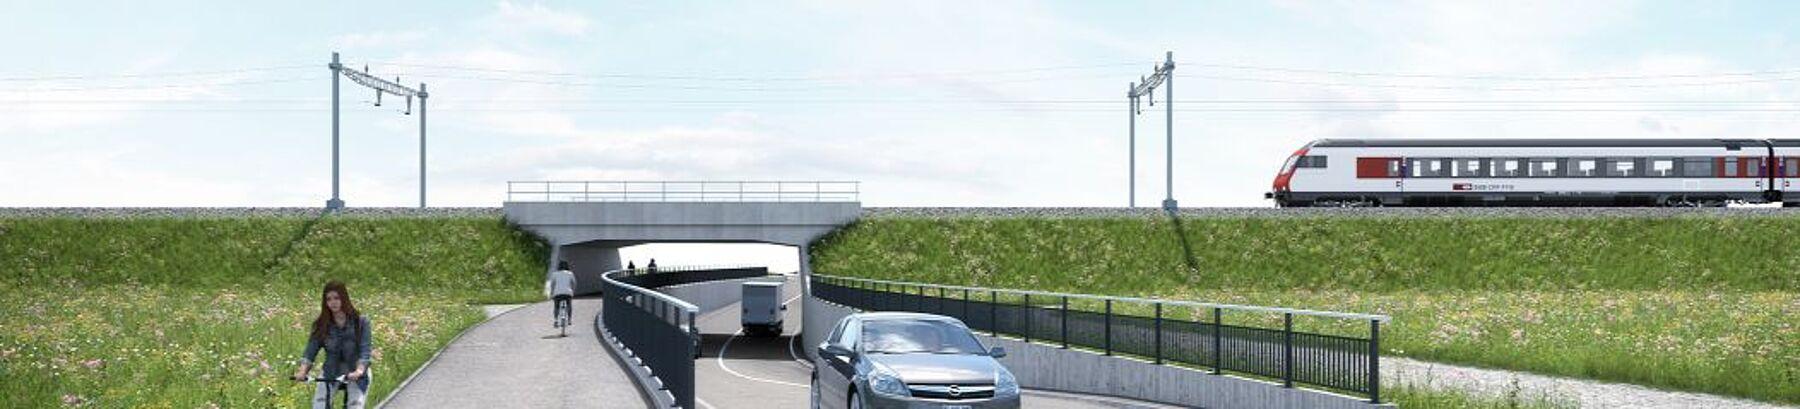 (© Kanton Aargau) Villmergen-Wohlen K 265: Visualisierung neue SBB-Brücke B-328 mit kombinierten Fuss- und Veloweg